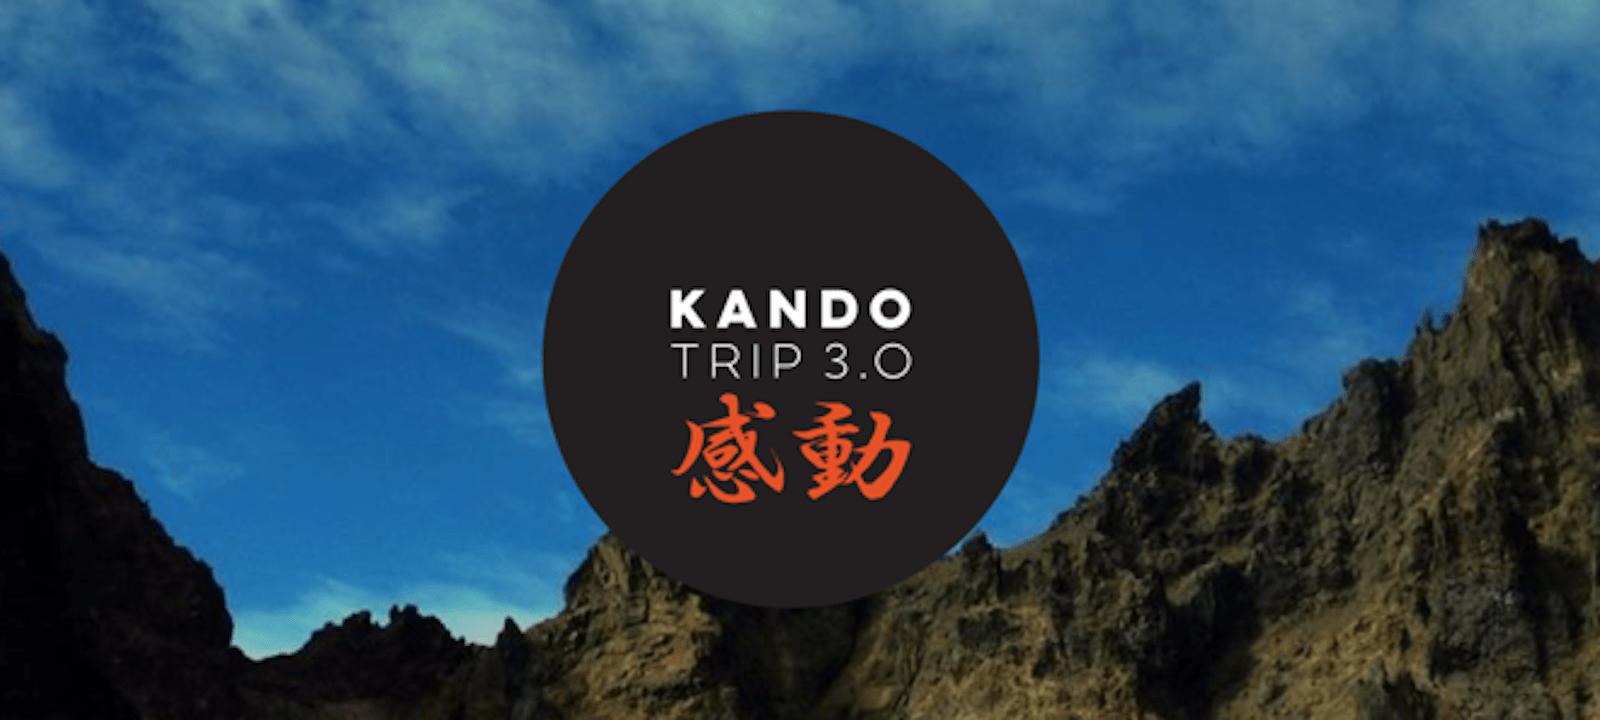 Kando Trip Sun River